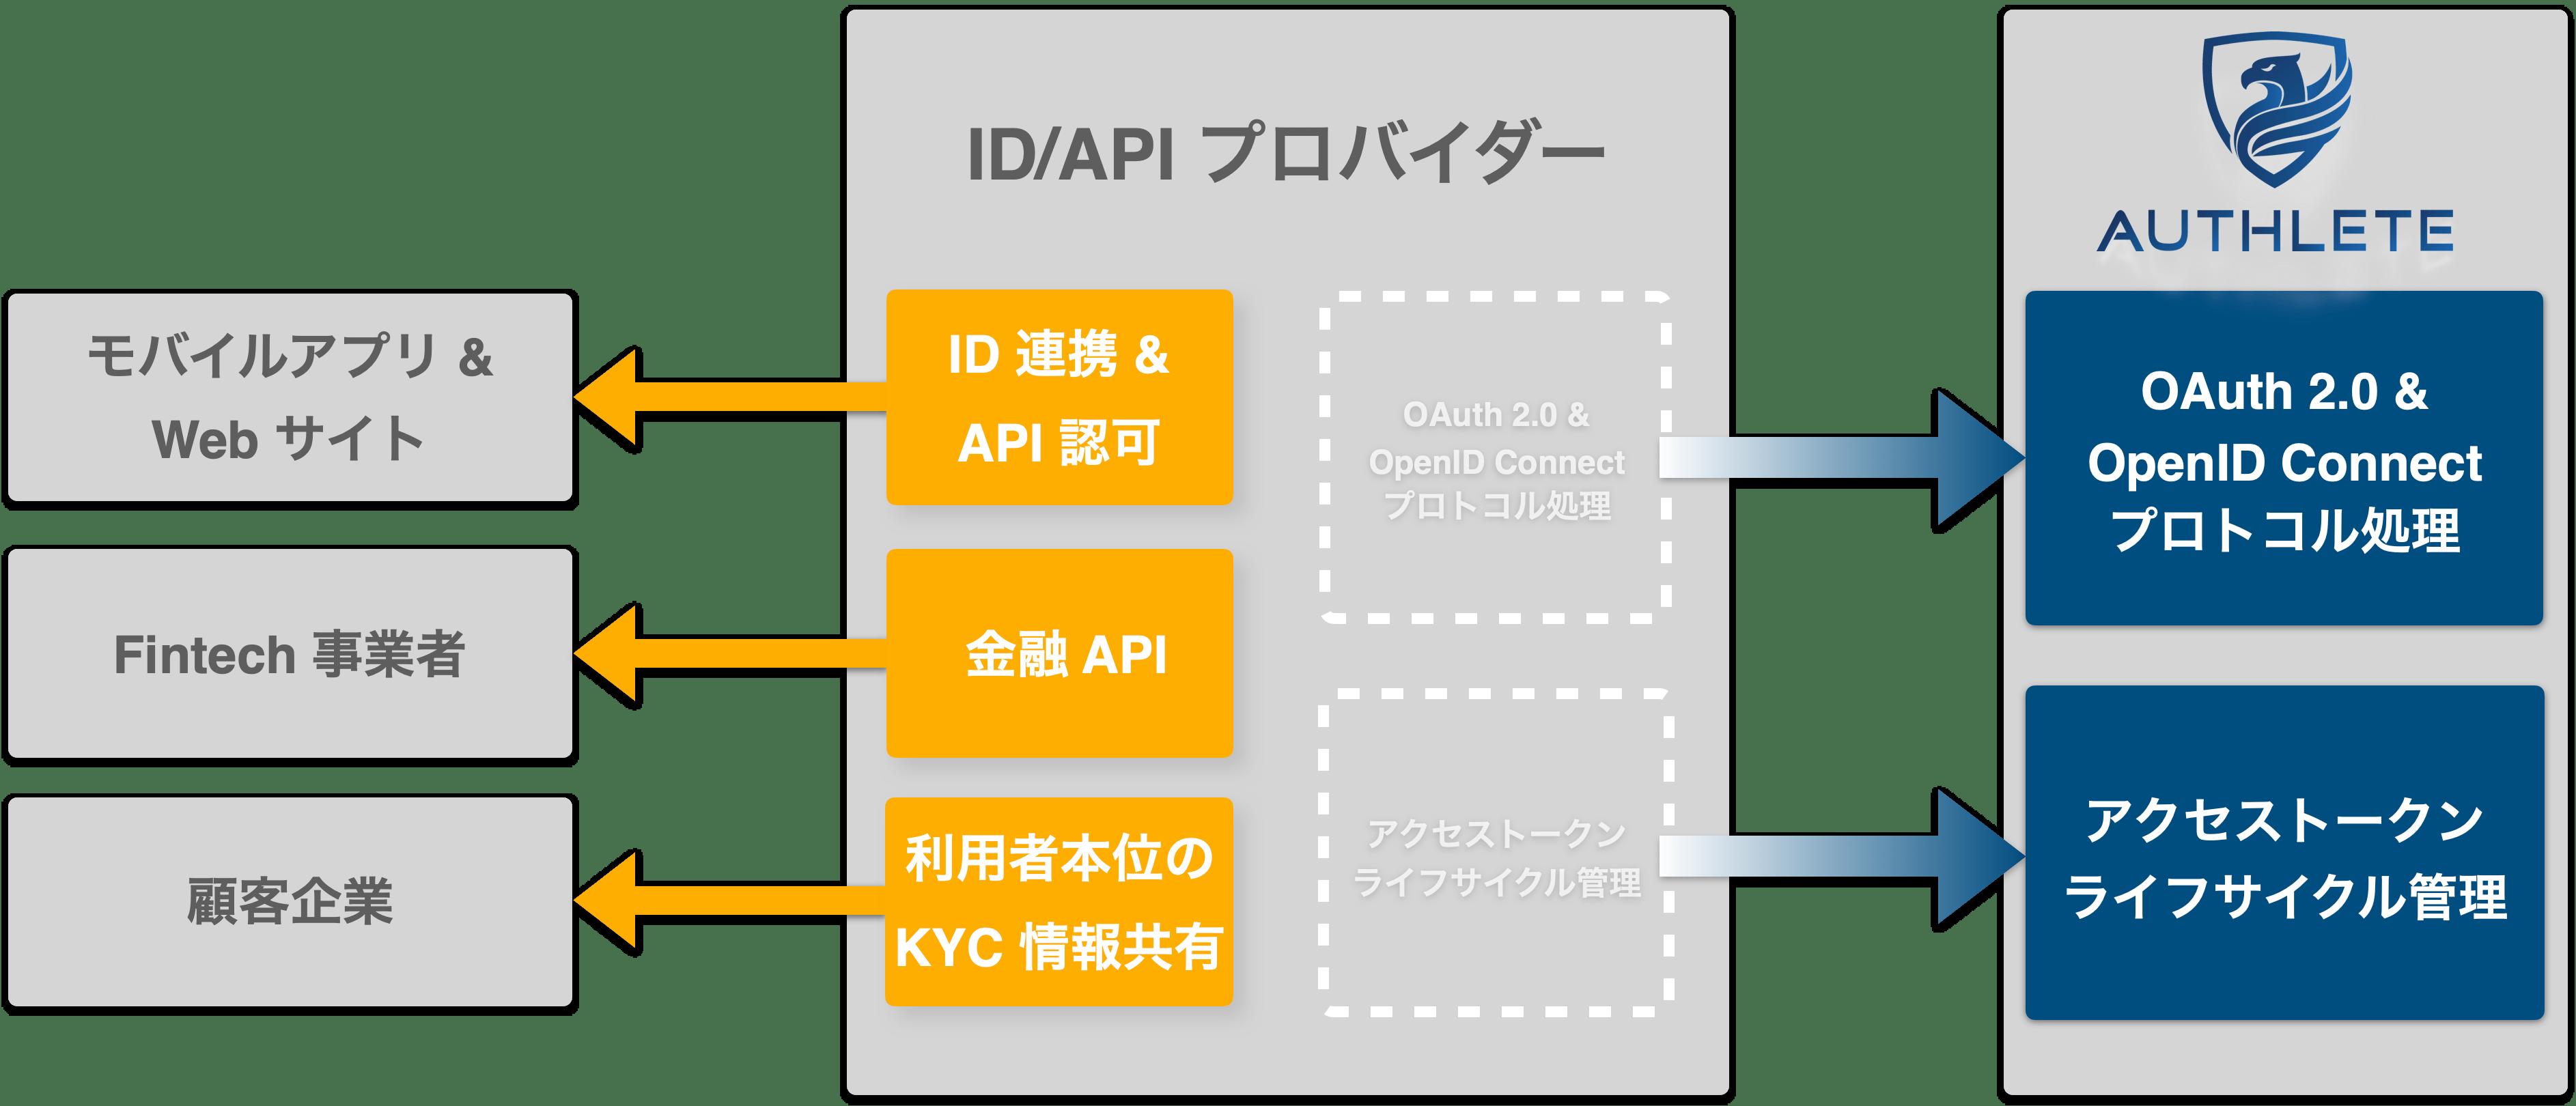 Authlete は API 認可のための BaaS (Backend as a Service) です。Authlete が提供する API を活用することで、簡単かつ安全に OAuth 2.0 や OpenID Connect の実装が可能となります。